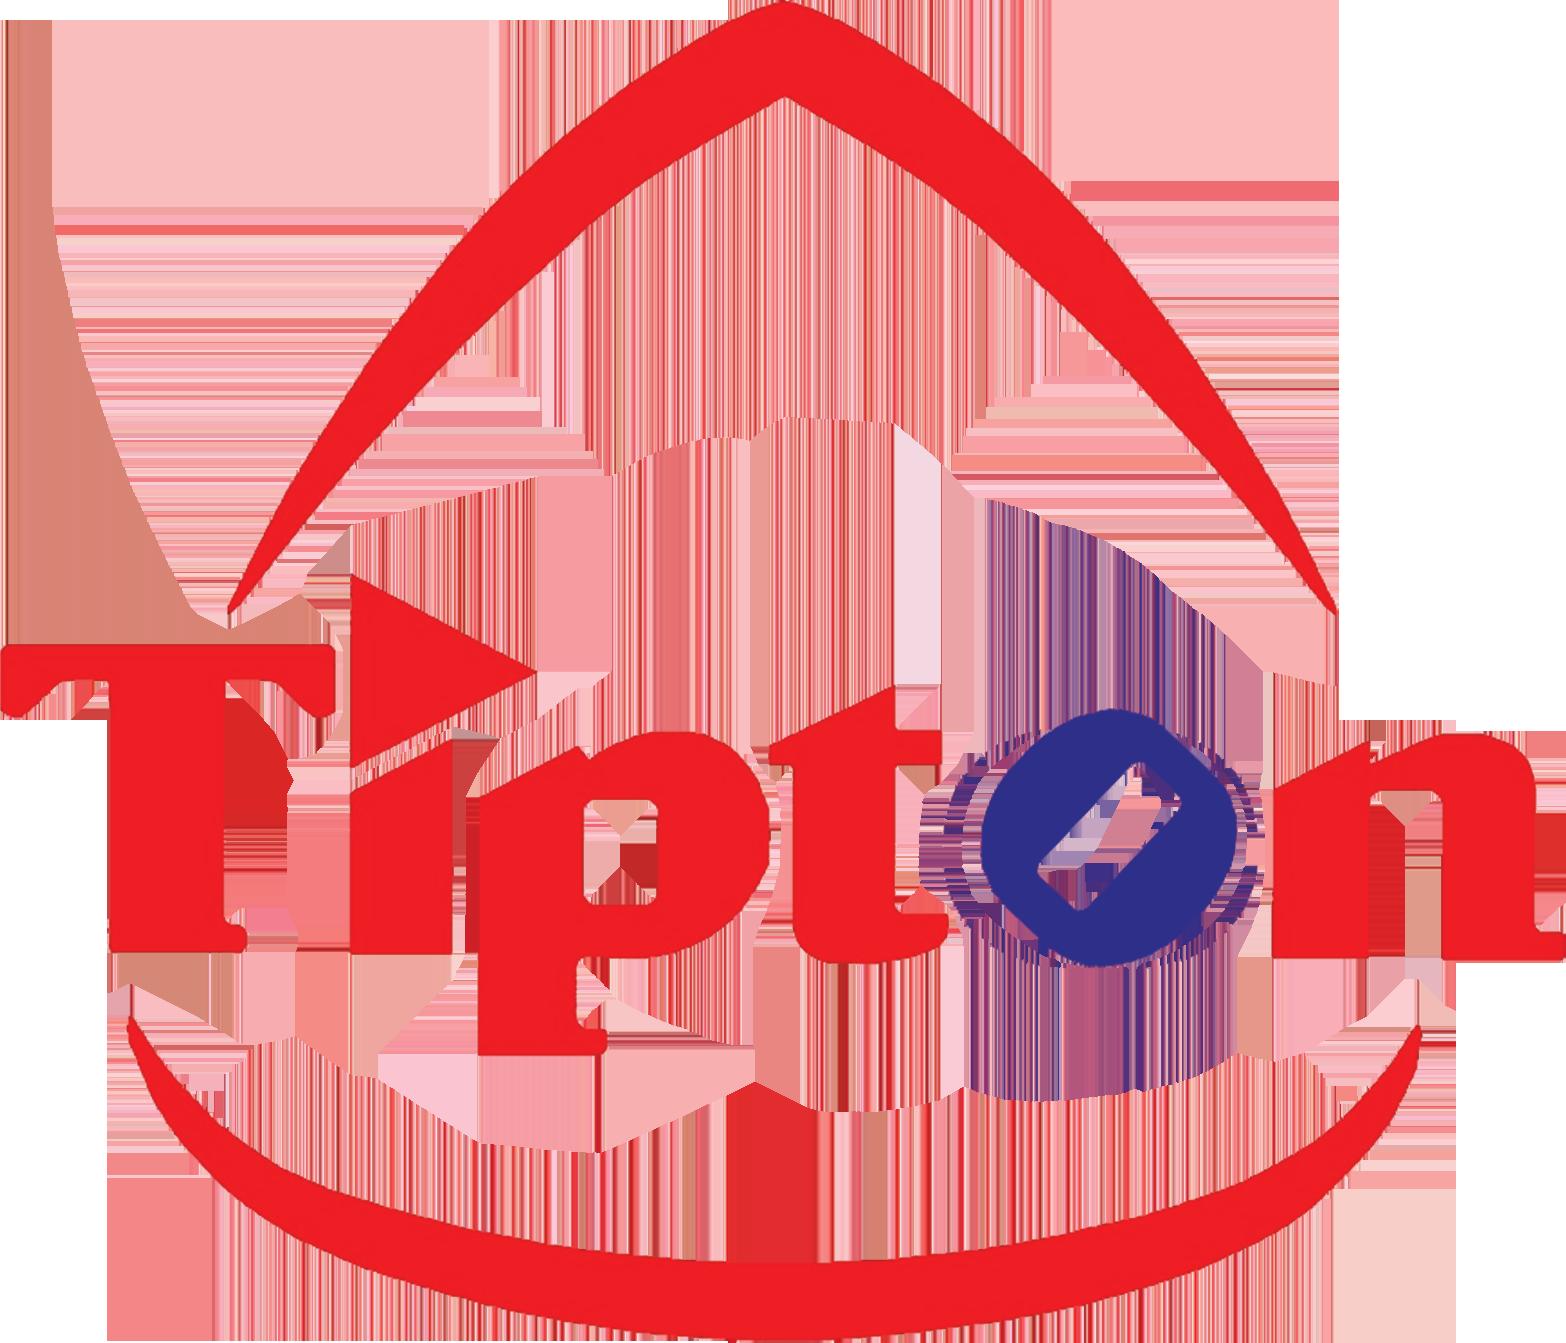 alit-Tipton